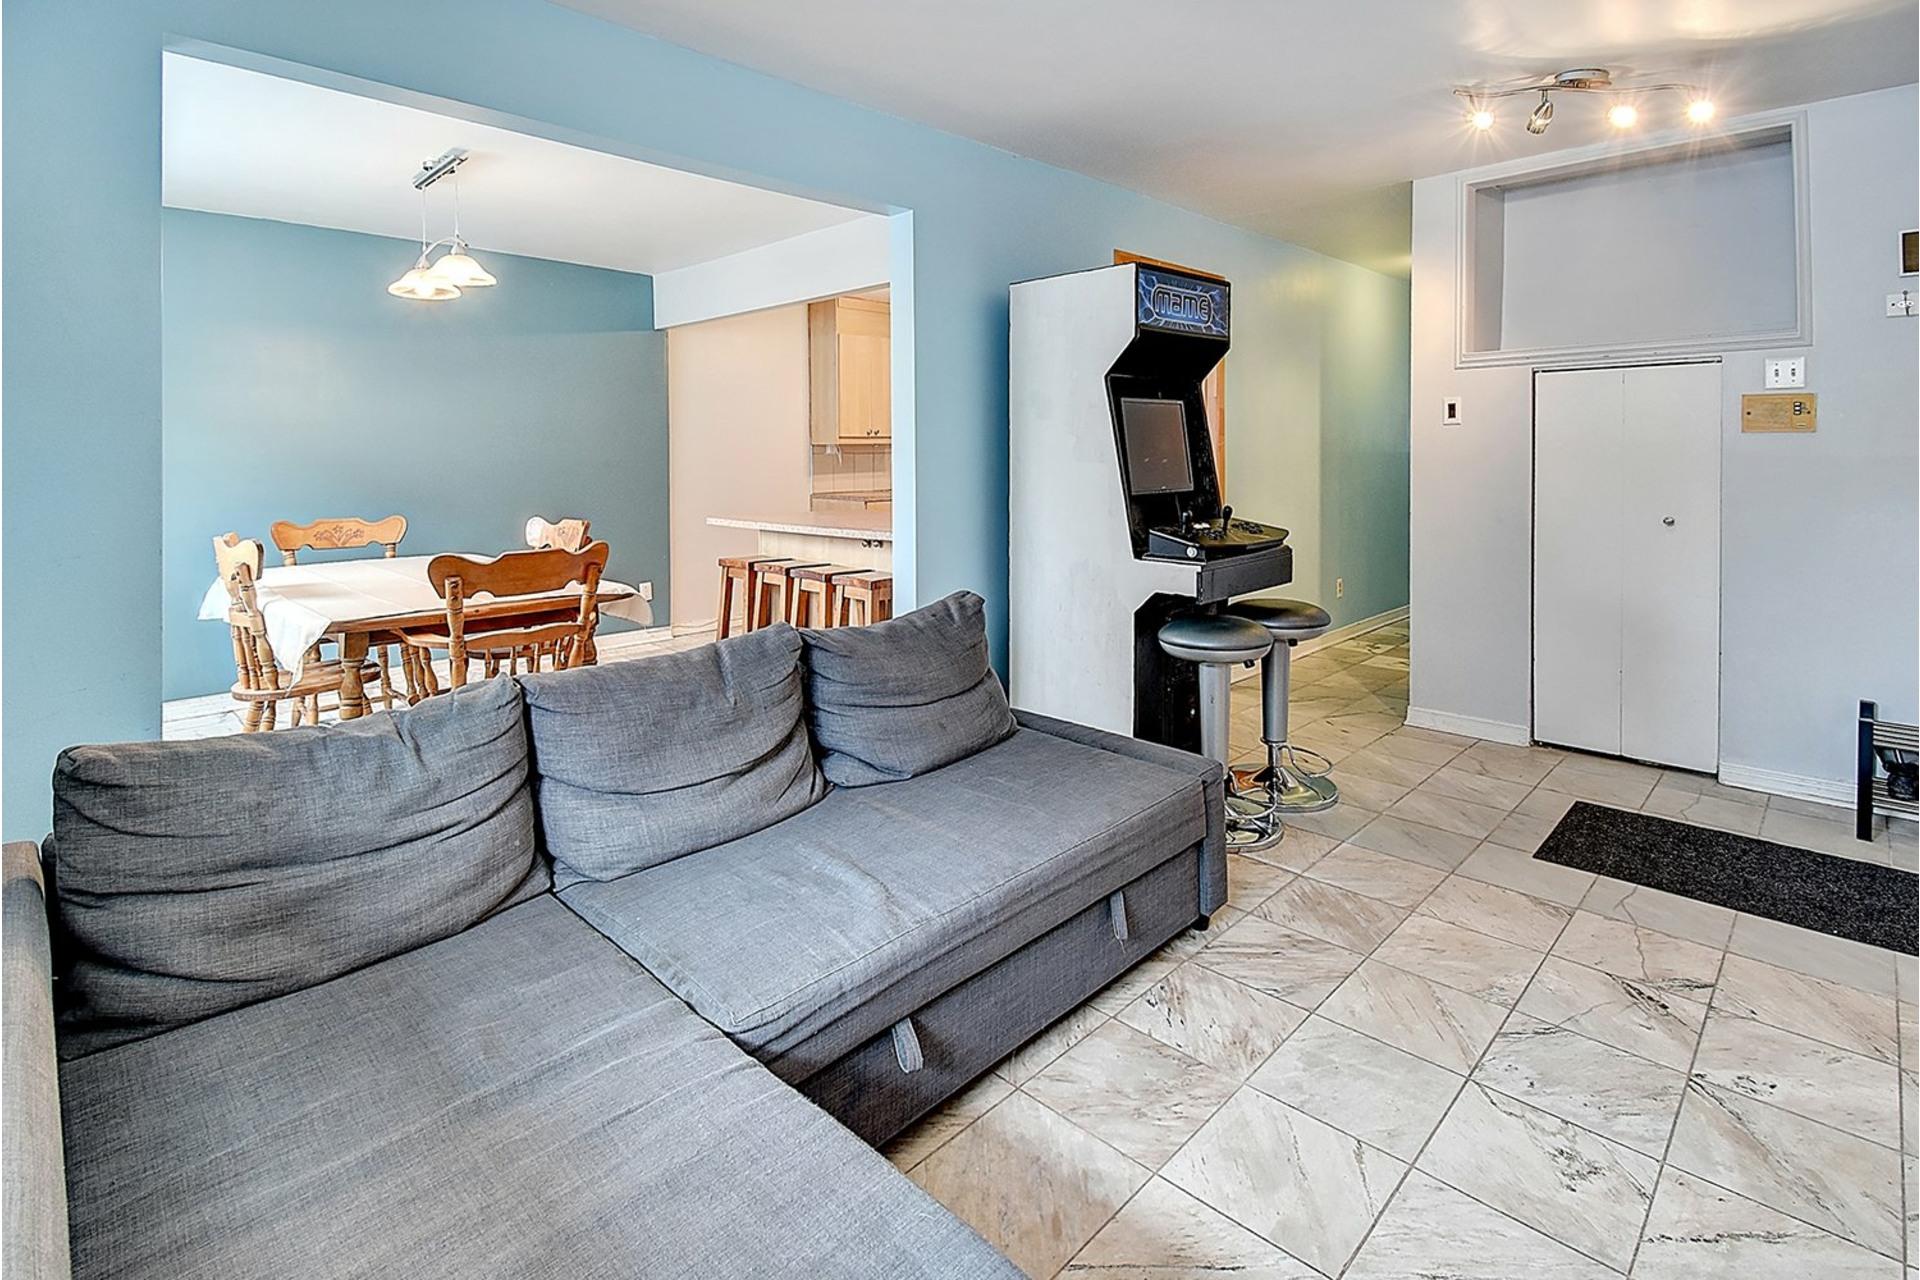 image 5 - Appartement À vendre Verdun/Île-des-Soeurs Montréal  - 7 pièces